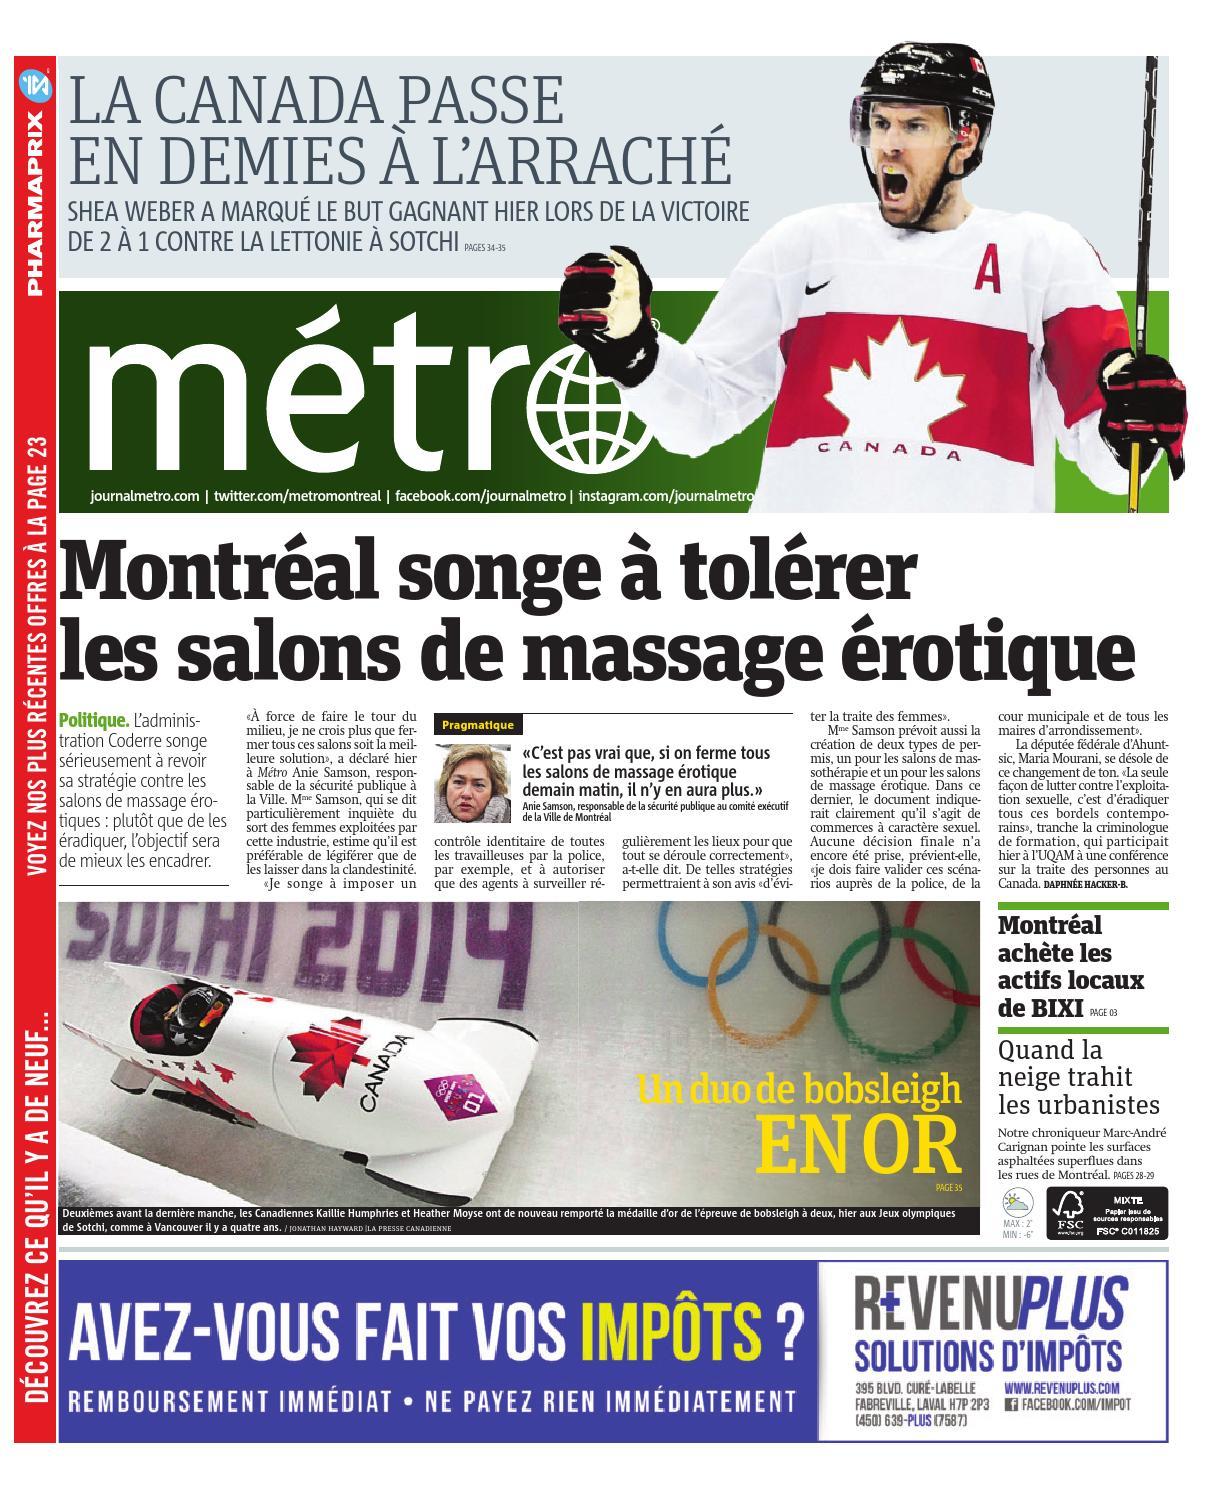 20140220 ca montreal by Metro Canada - issuu fff18cc10b0f